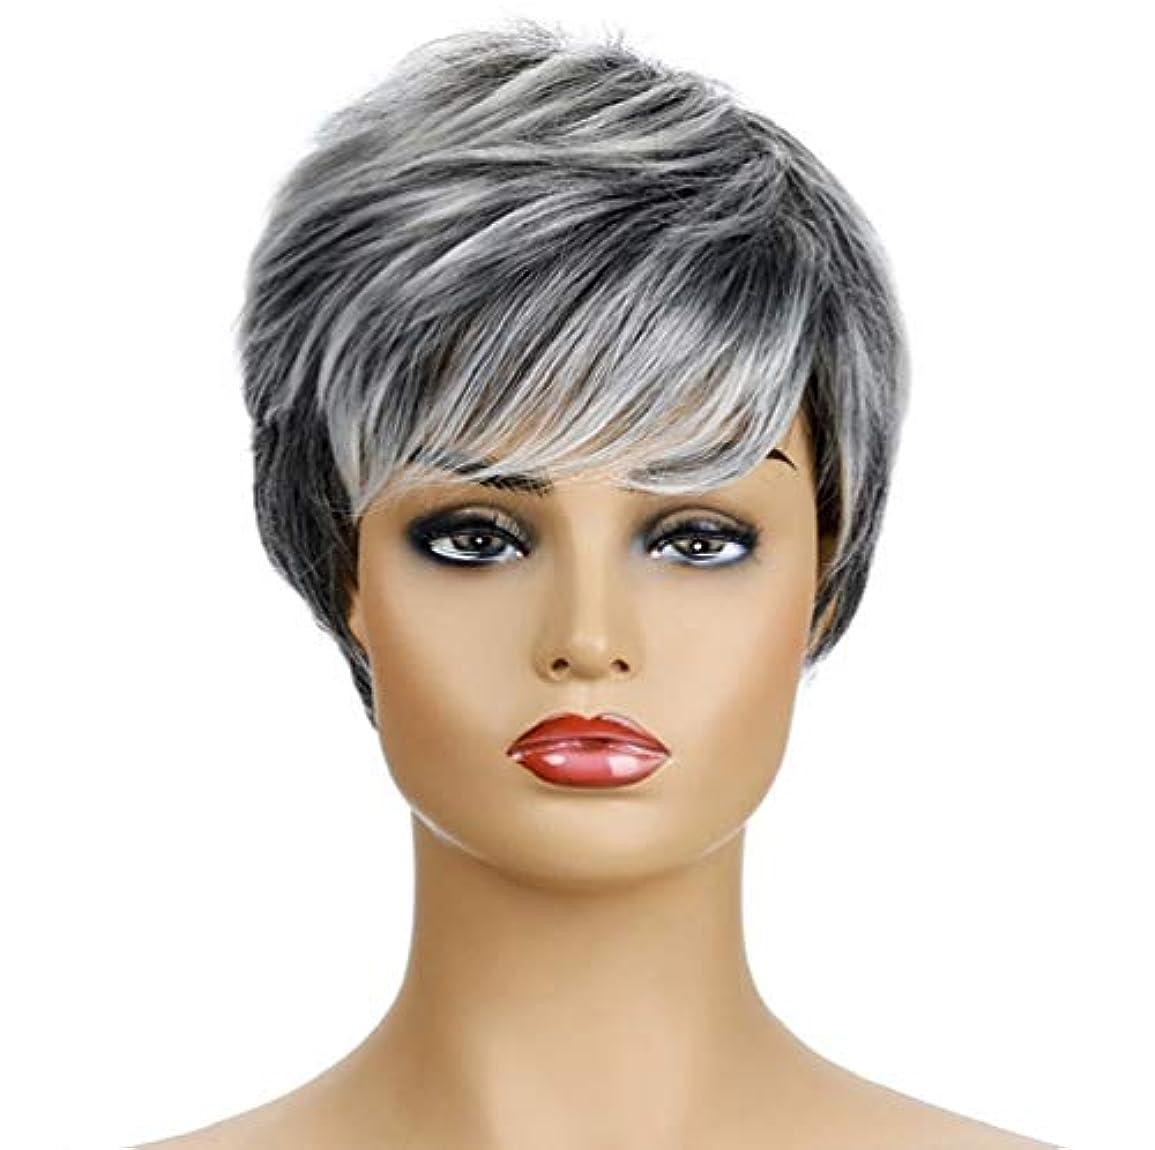 ケーキ令状カリング女性150%密度かつら合成耐熱ショートブラジル人毛ウィッグ黒グラデーショングレー25センチ